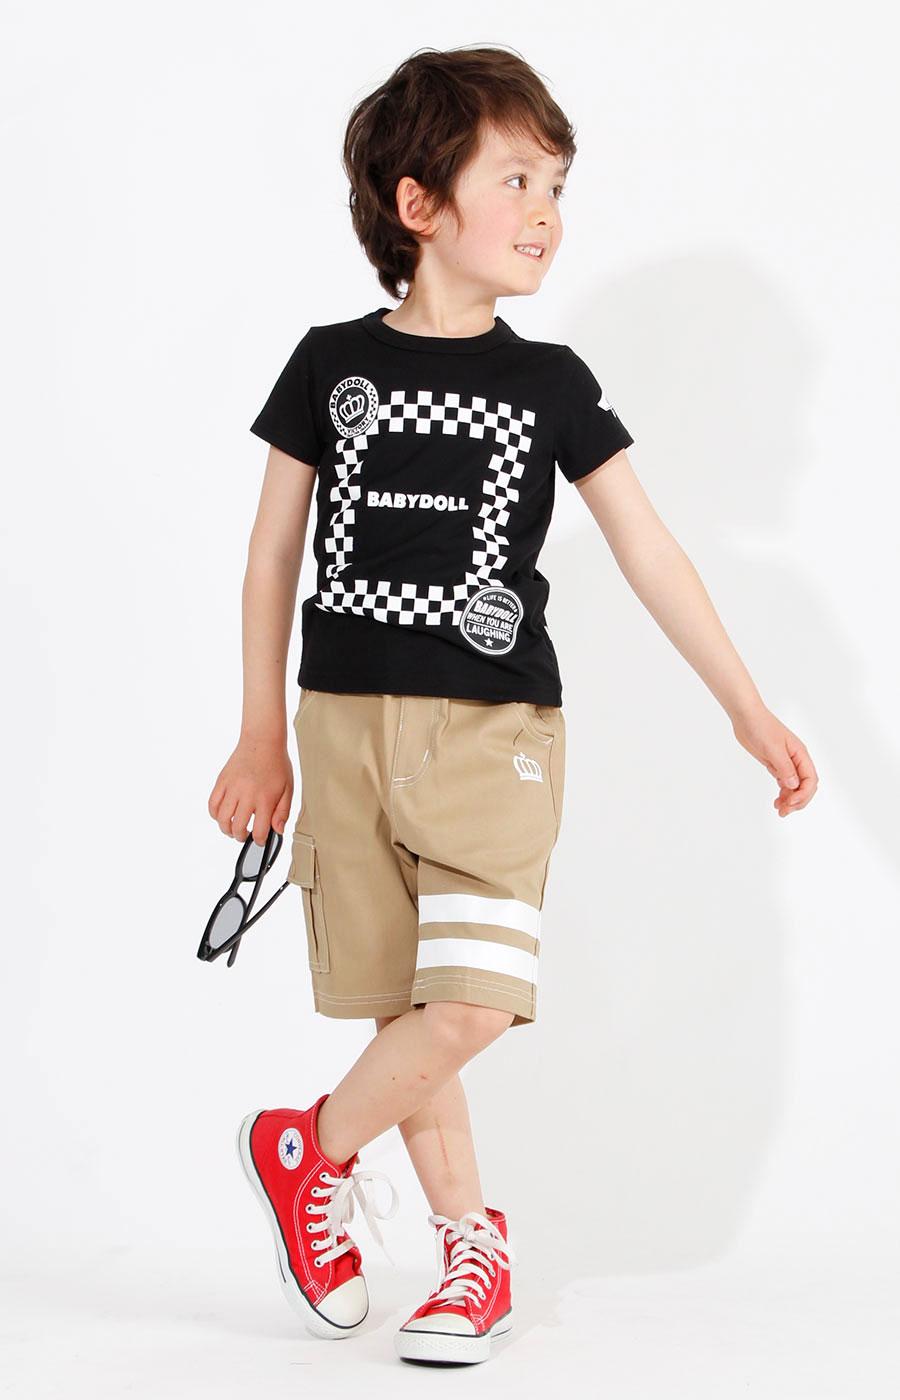 668f8c4658a2f BABYDOLL(ベビードール) 公式オンラインショップ │ 子供服 ベビー服 通販